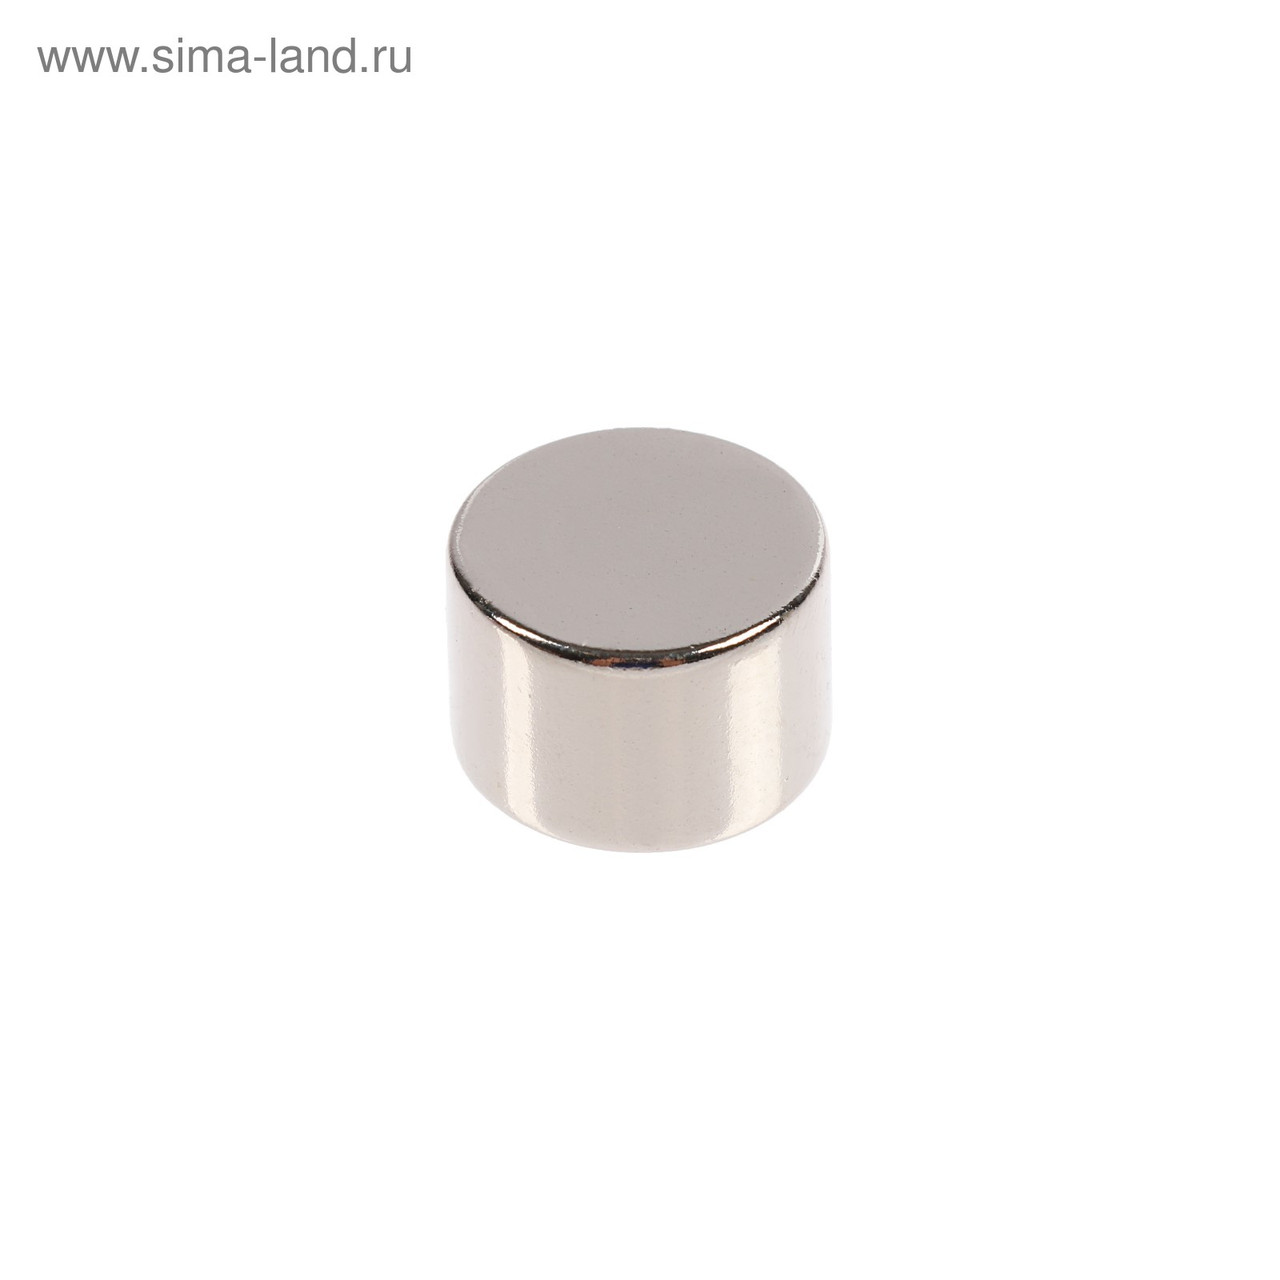 Неодимовый магнит 15 * 10 мм